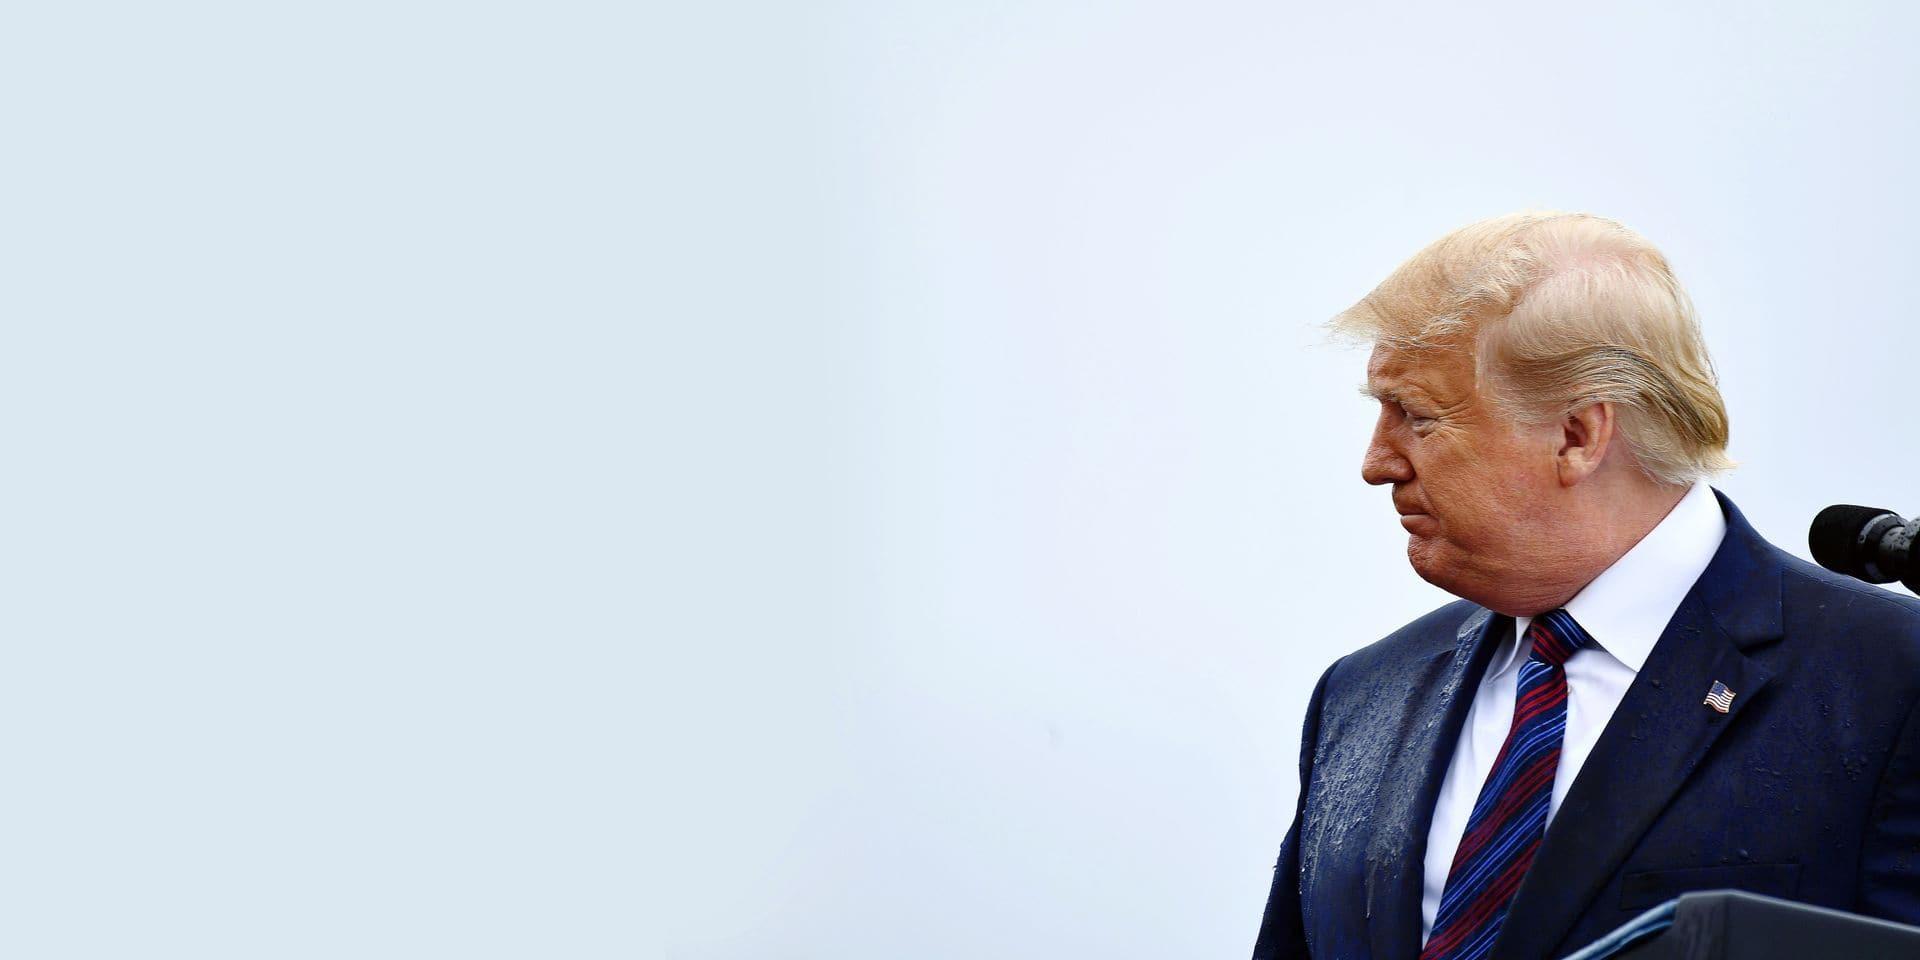 Donald Trump ébranlé par le tourbillon de l'impeachment